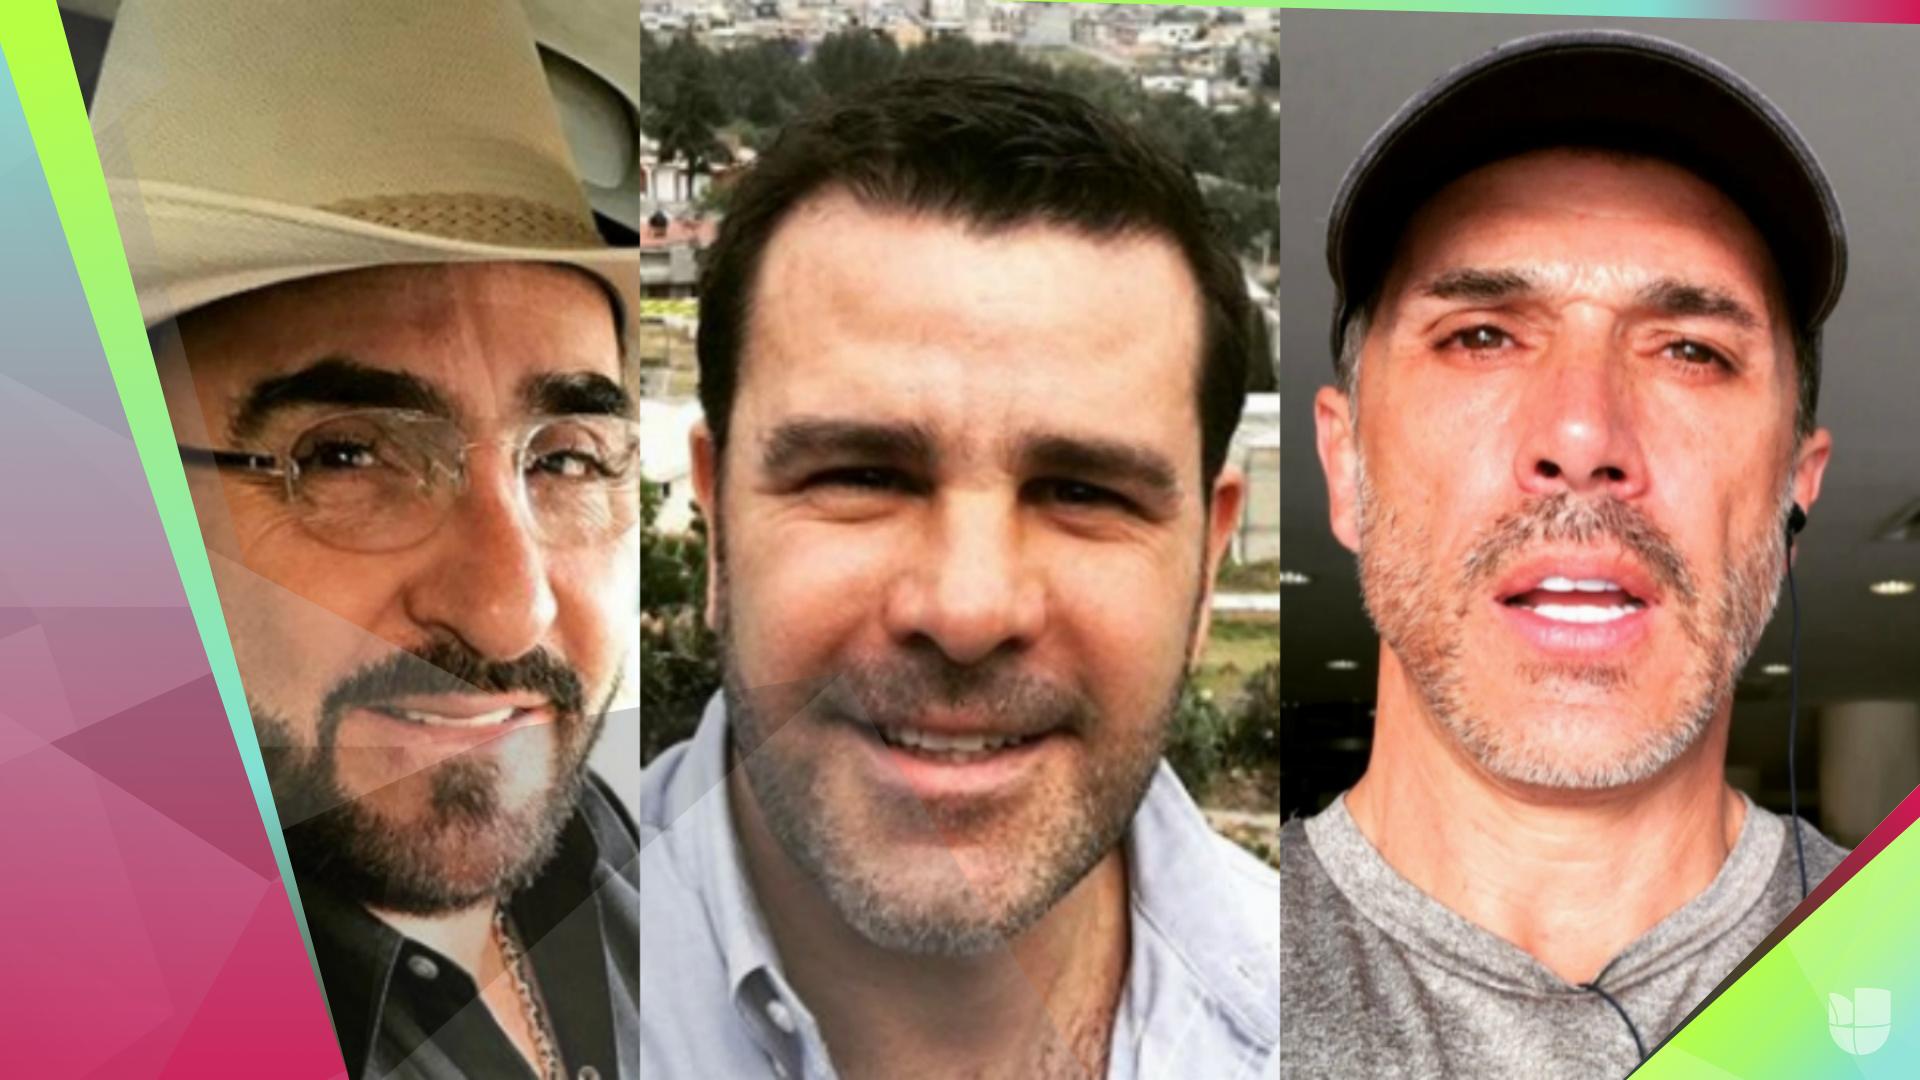 Un cazafantasmas, cantantes y exfutbolistas: estos famosos se presentan a las elecciones en México